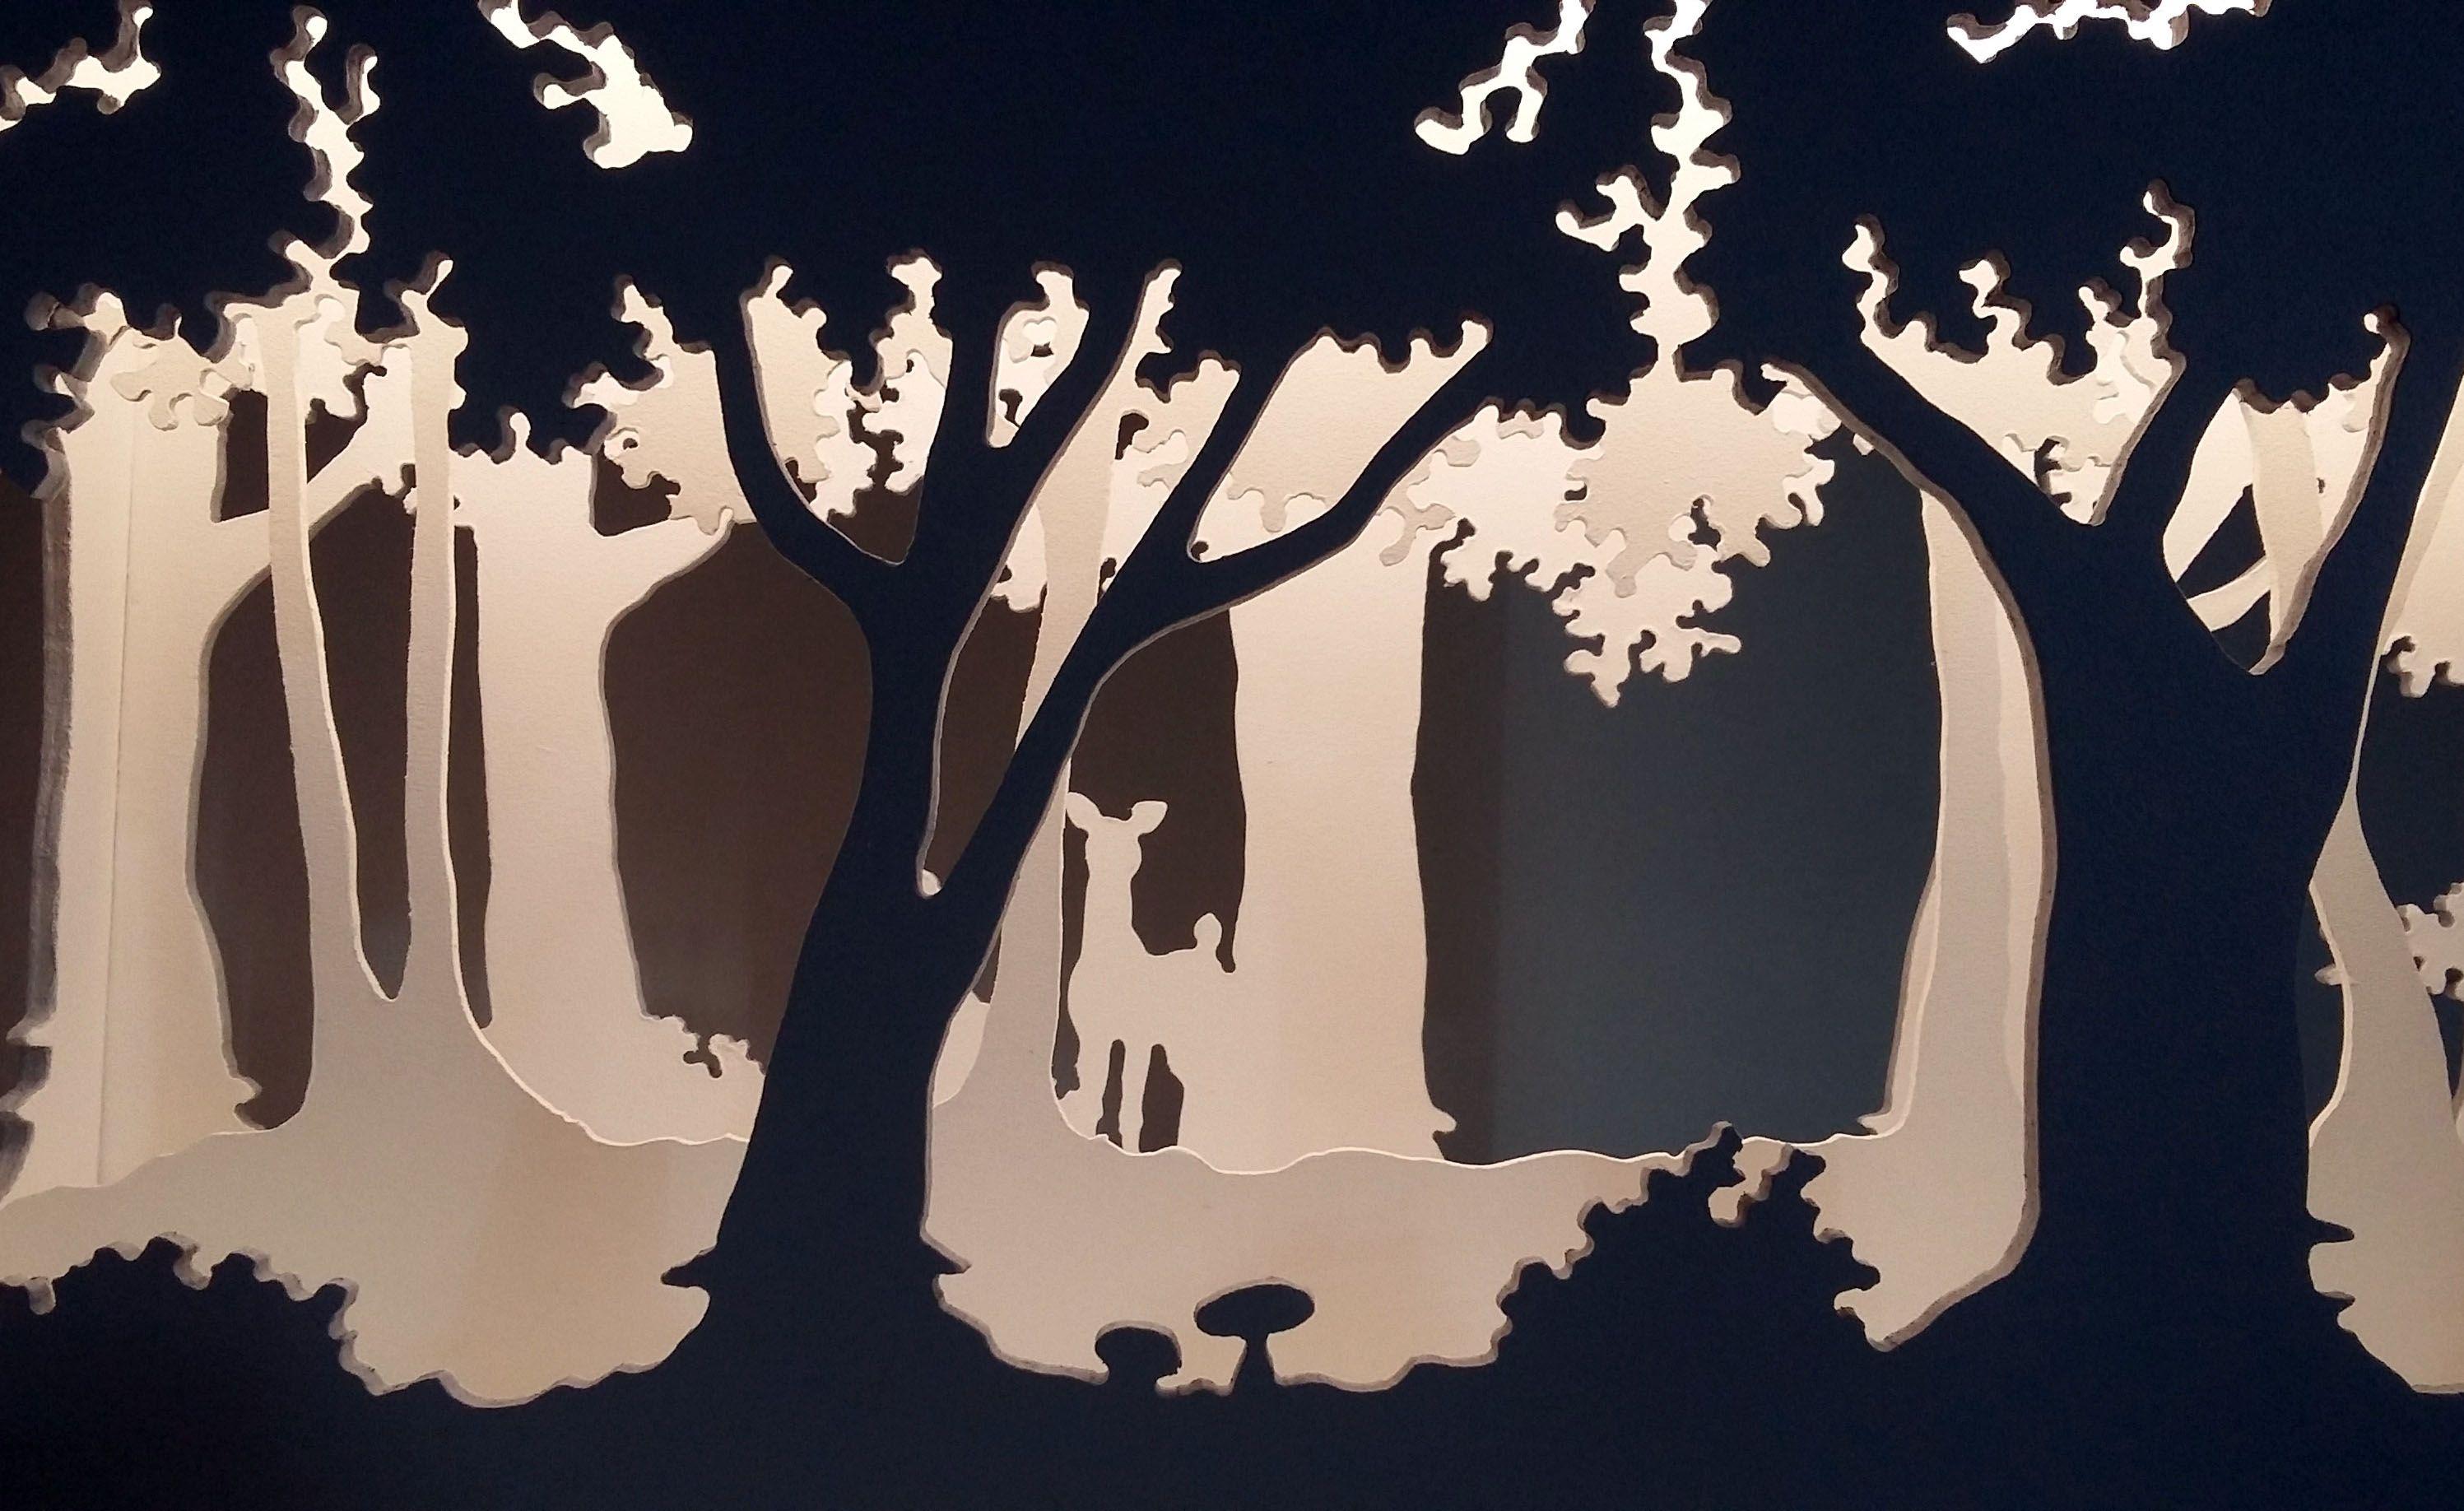 petit th tre d 39 ombres lampe d 39 ambiance grise et blanche en bois fabriqu e artisanalement. Black Bedroom Furniture Sets. Home Design Ideas